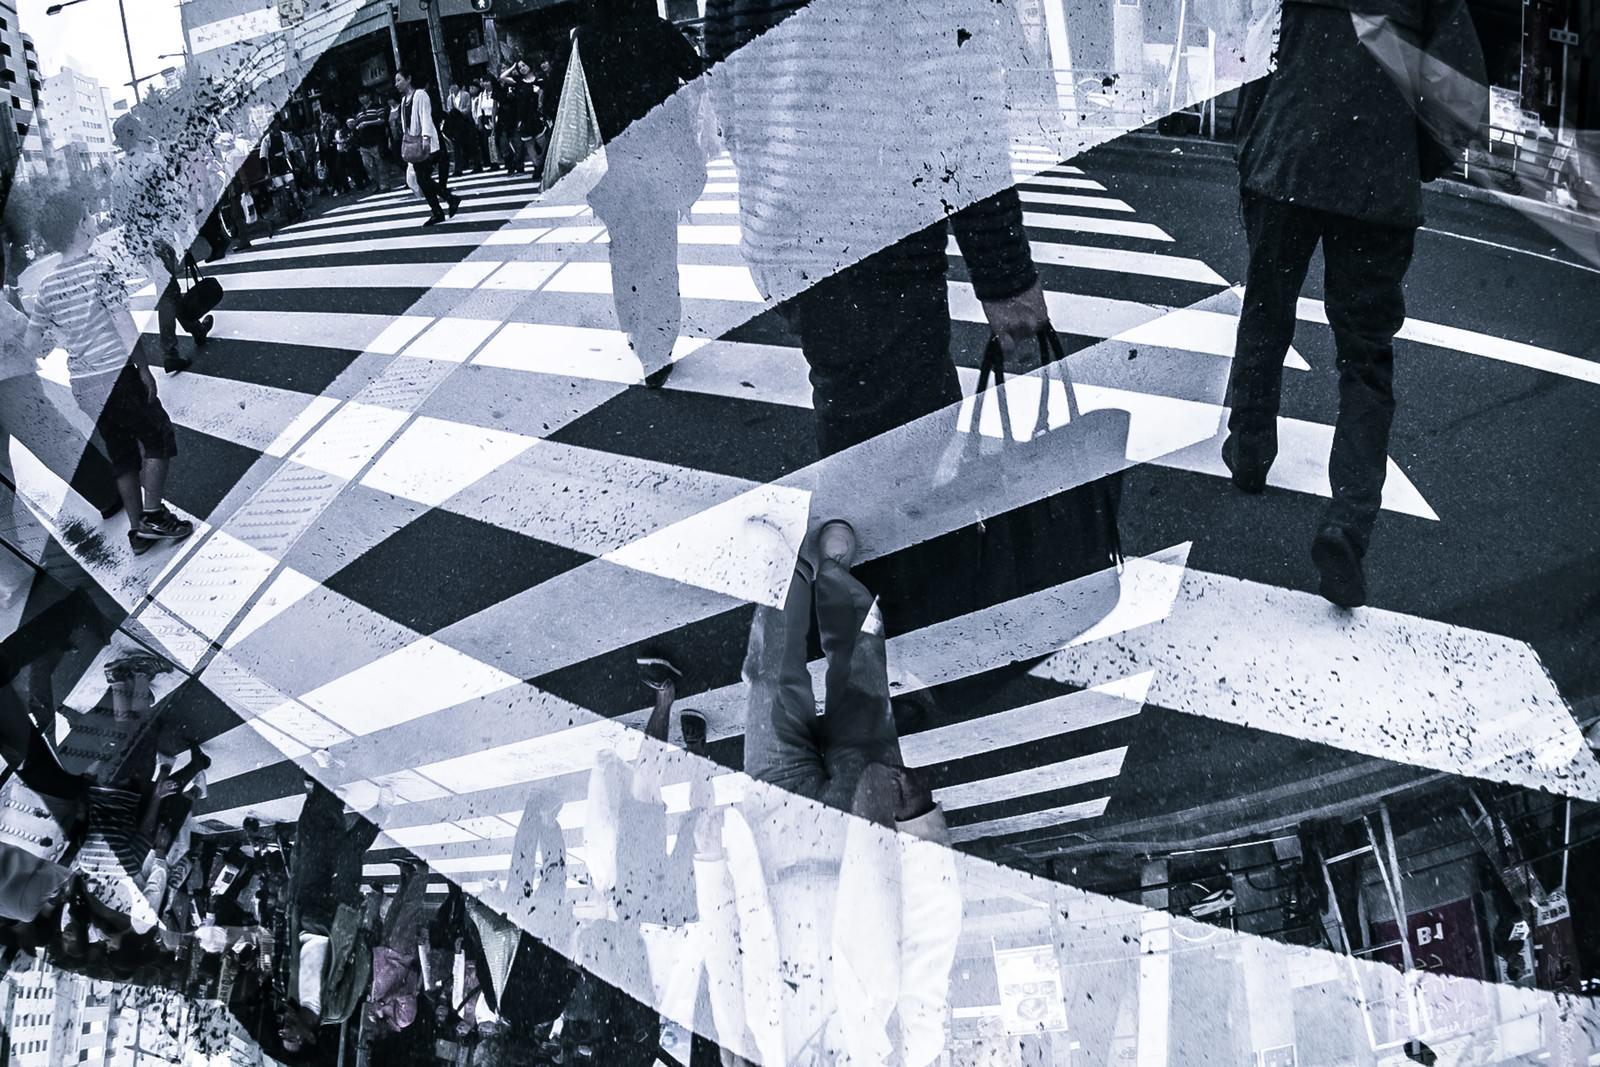 「人混みと横断歩道(フォトモンタージュ)」の写真